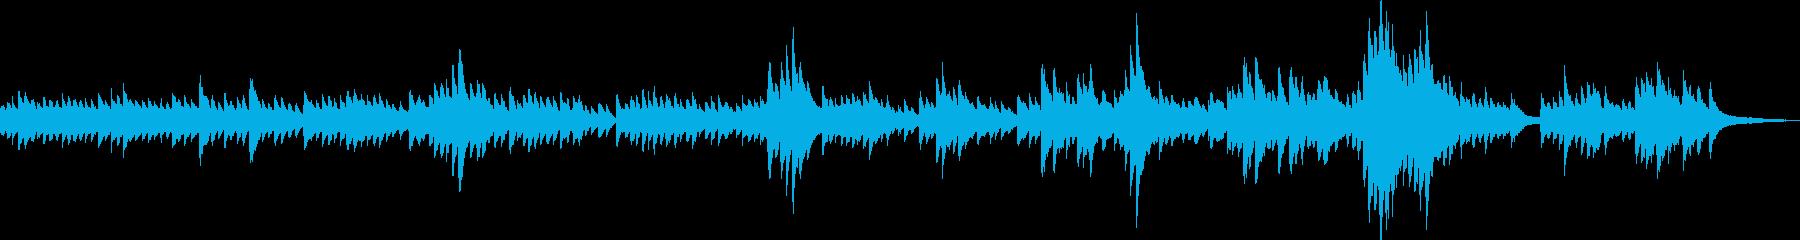 安らぎ(ピアノソロ・安心感・優しい)の再生済みの波形